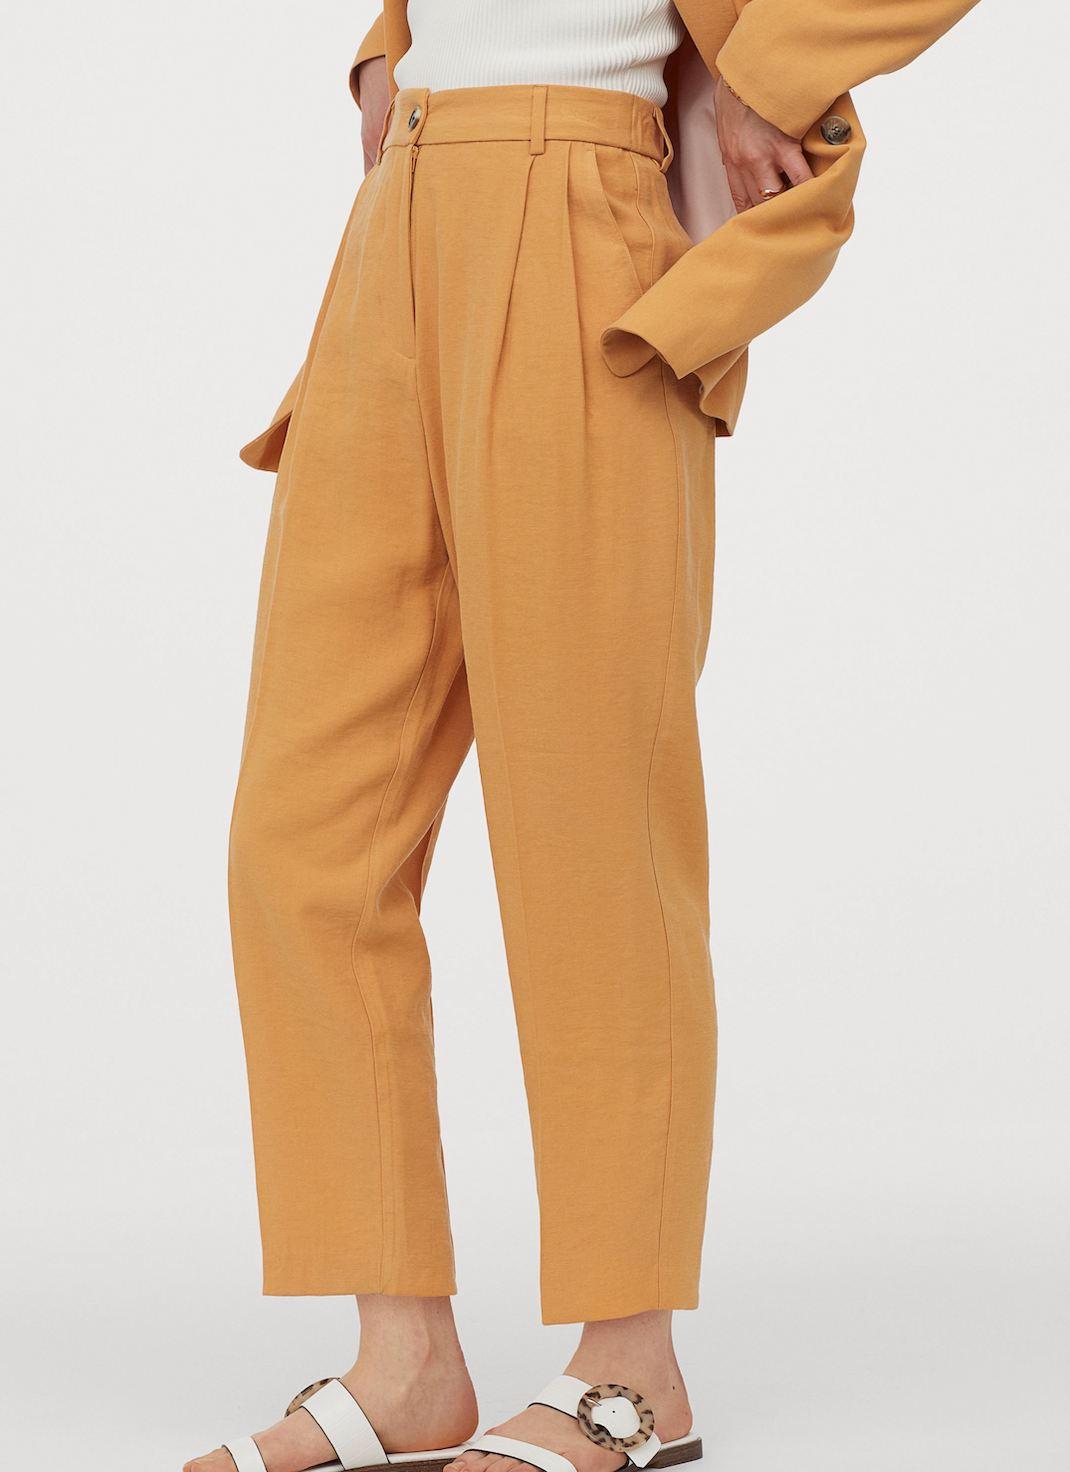 μοντέλο με υφασμάτινο παντελόνι